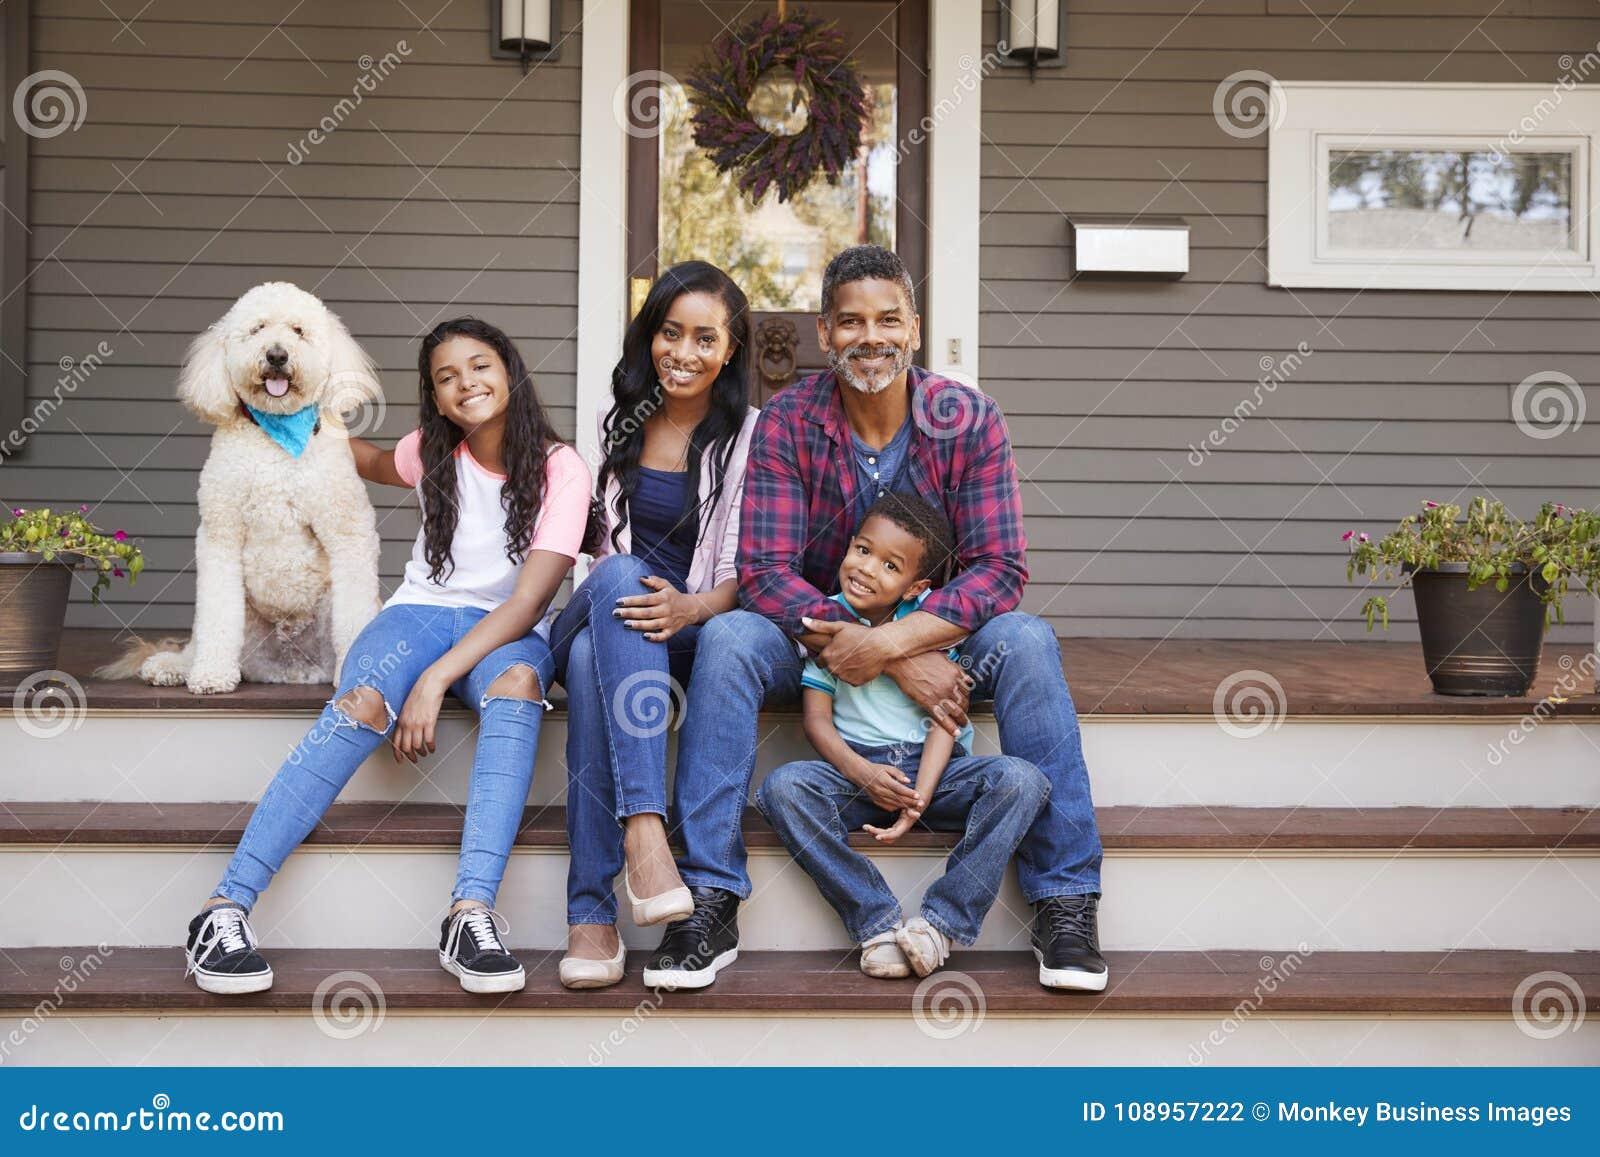 Familia con los niños y el perro casero Sit On Steps Of Home